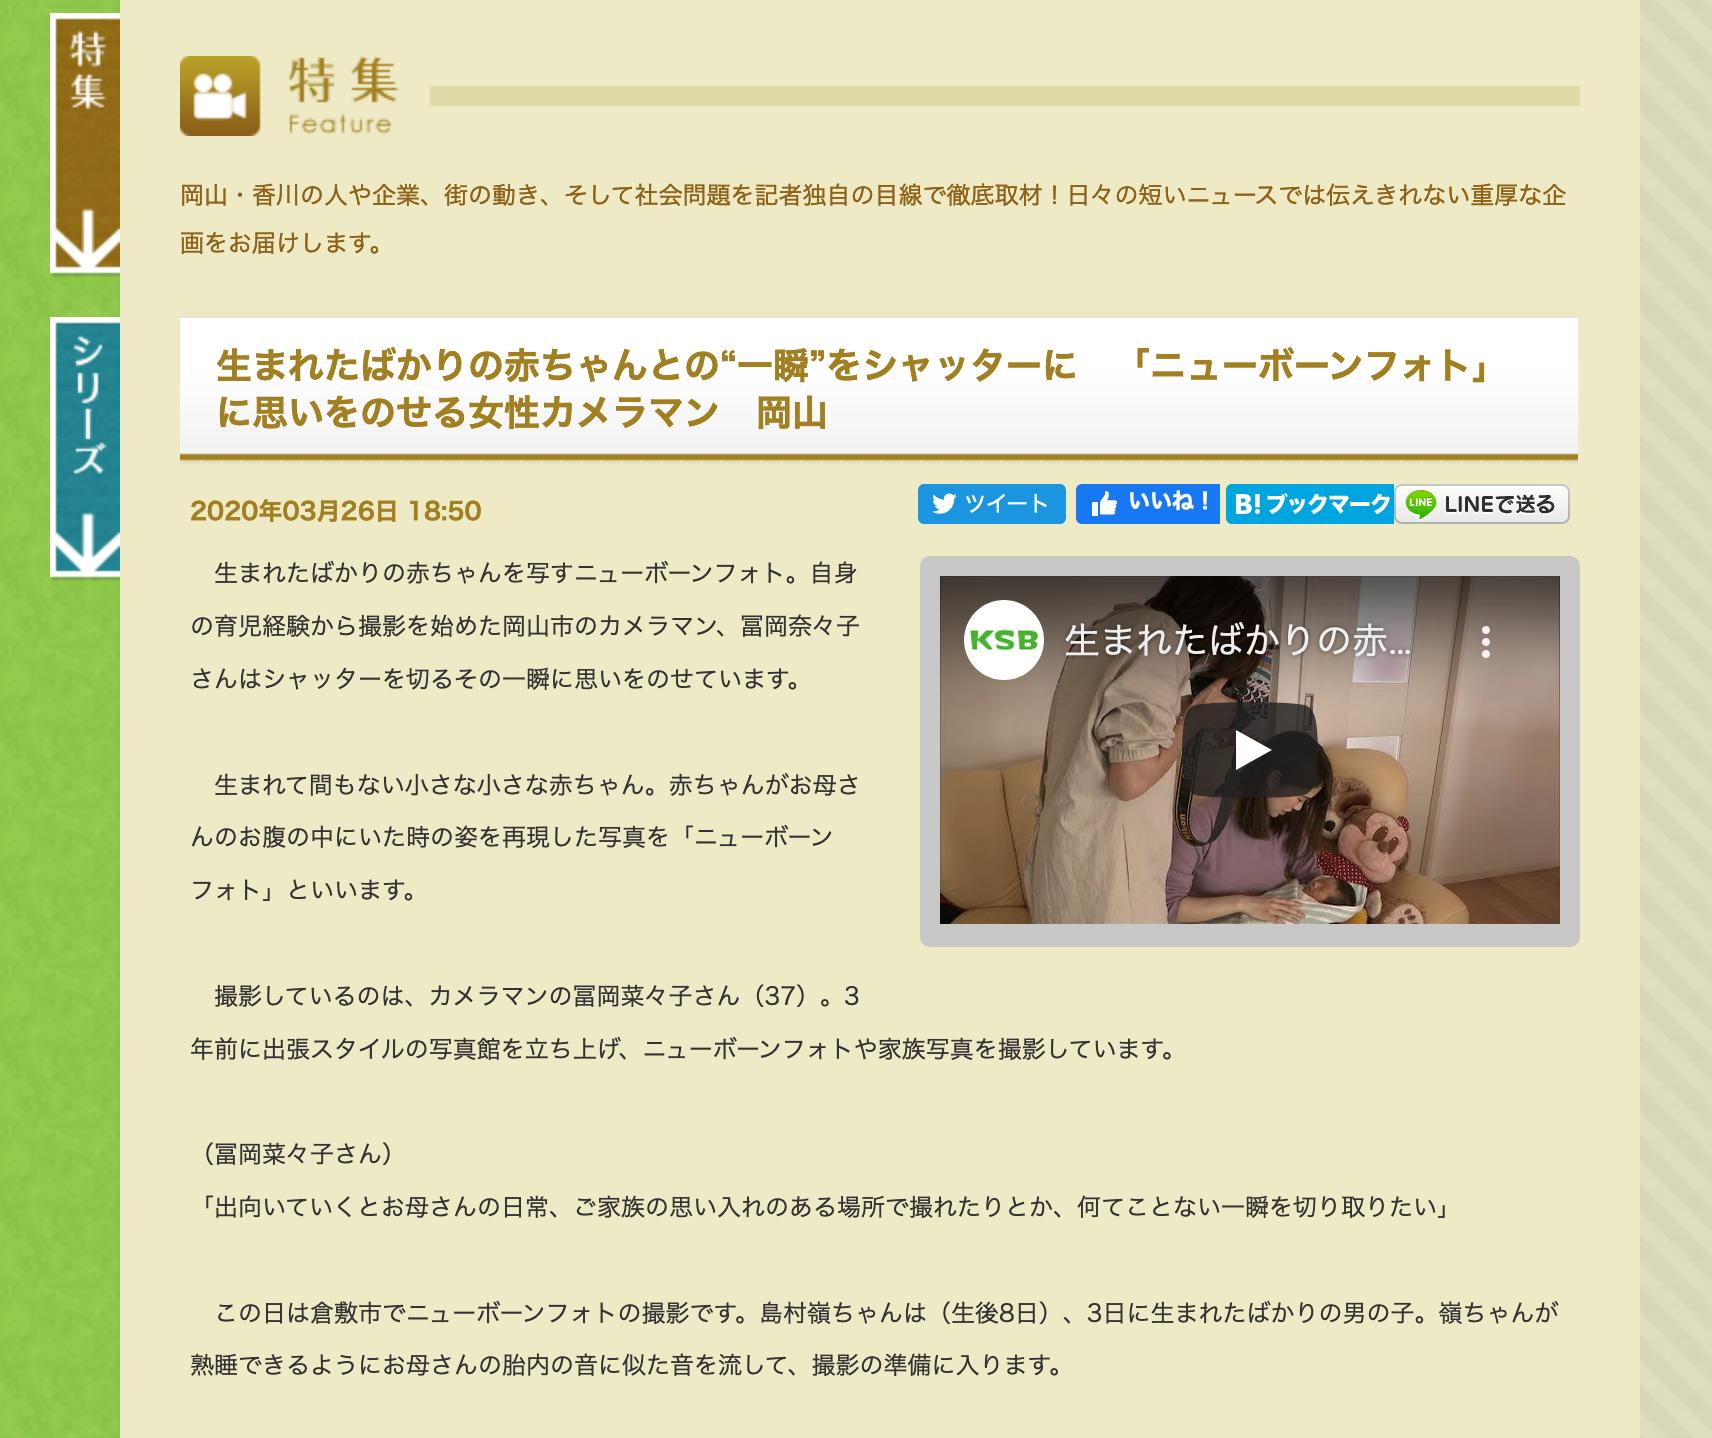 KSBサイト内の特集ページのスクリーンショット